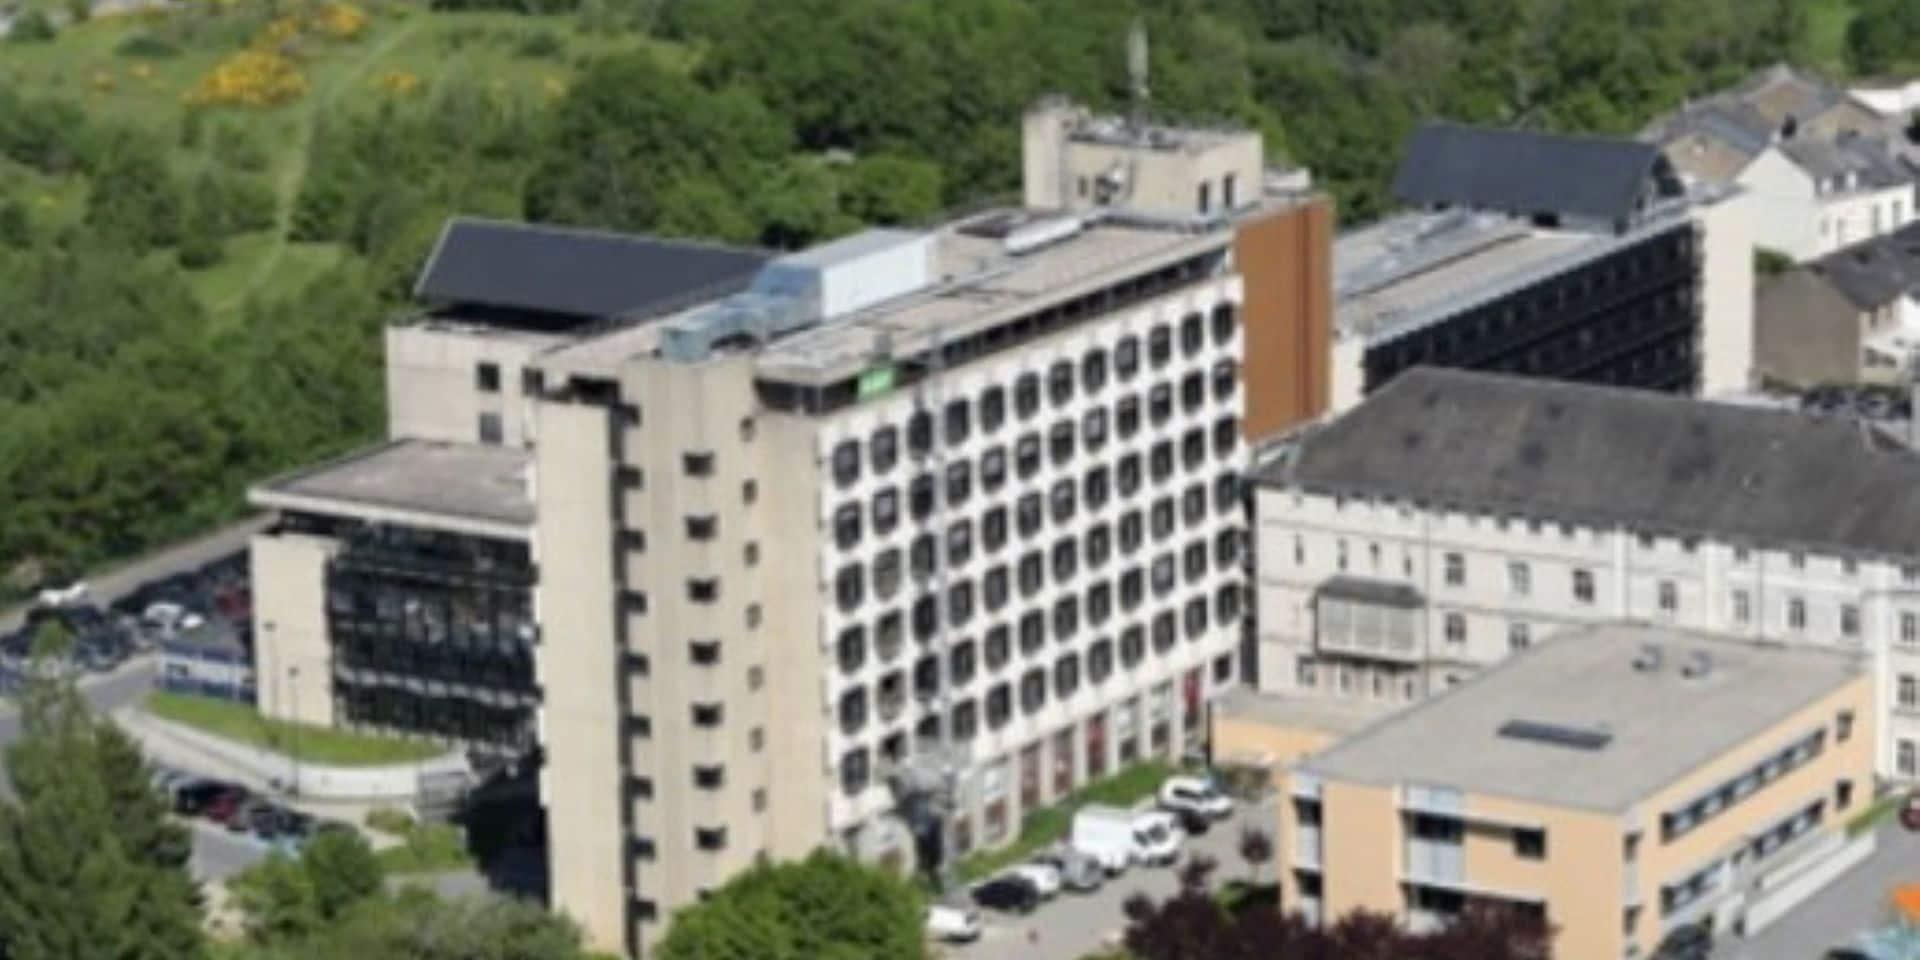 Covid-19 : reprise des visites à l'hôpital d'Arlon dès ce mercredi